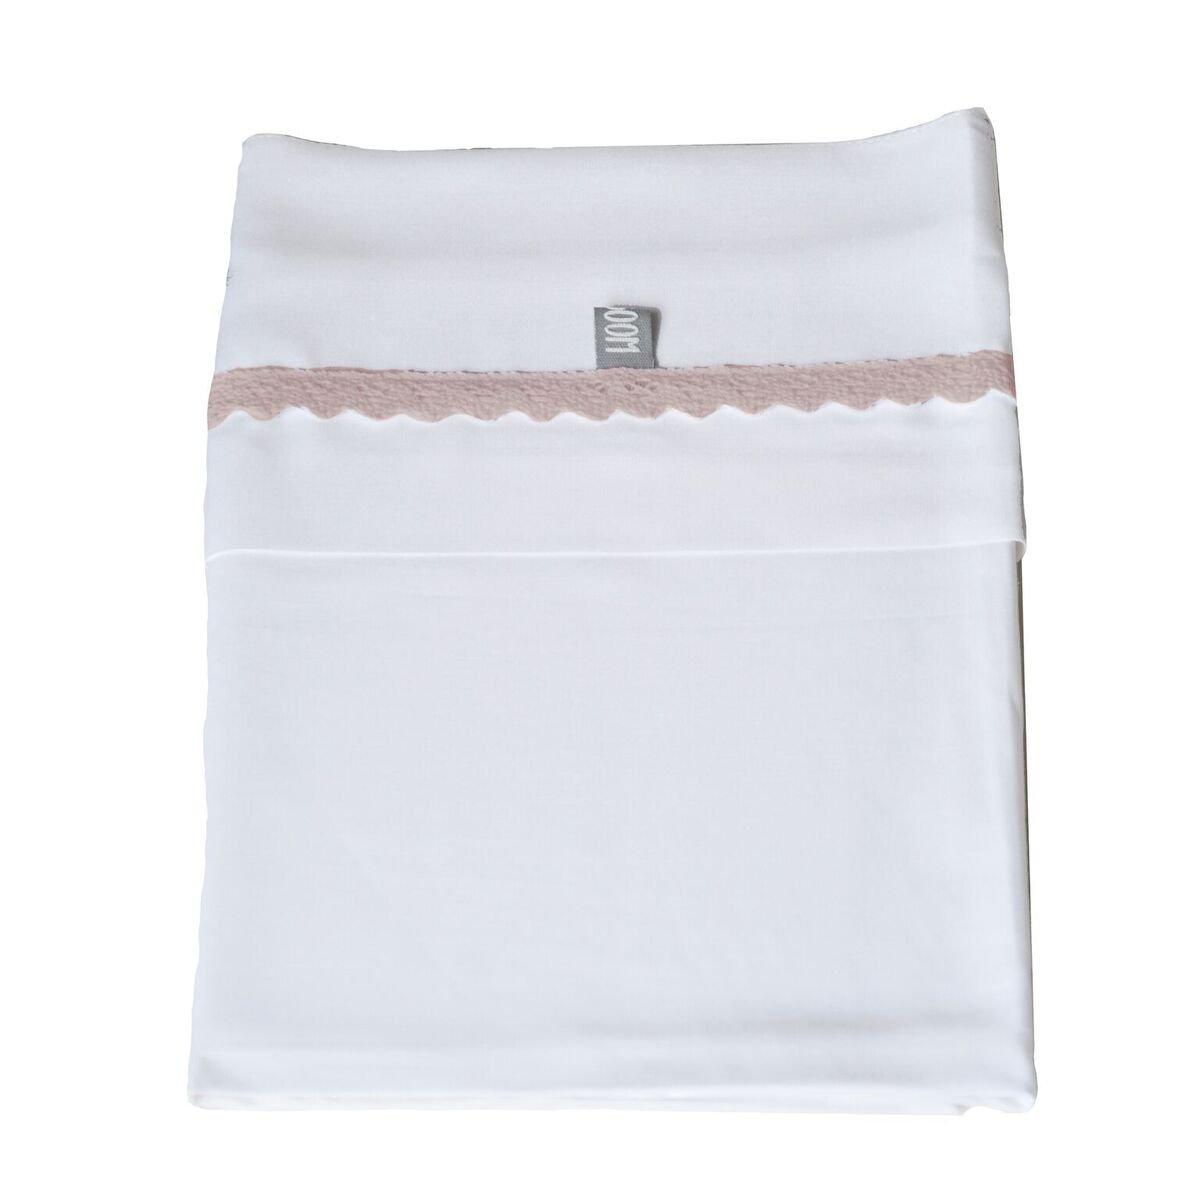 /064/ /004/Bedsheet Bettw/äsche Bettw/äsche Bamboom 104/ Pink